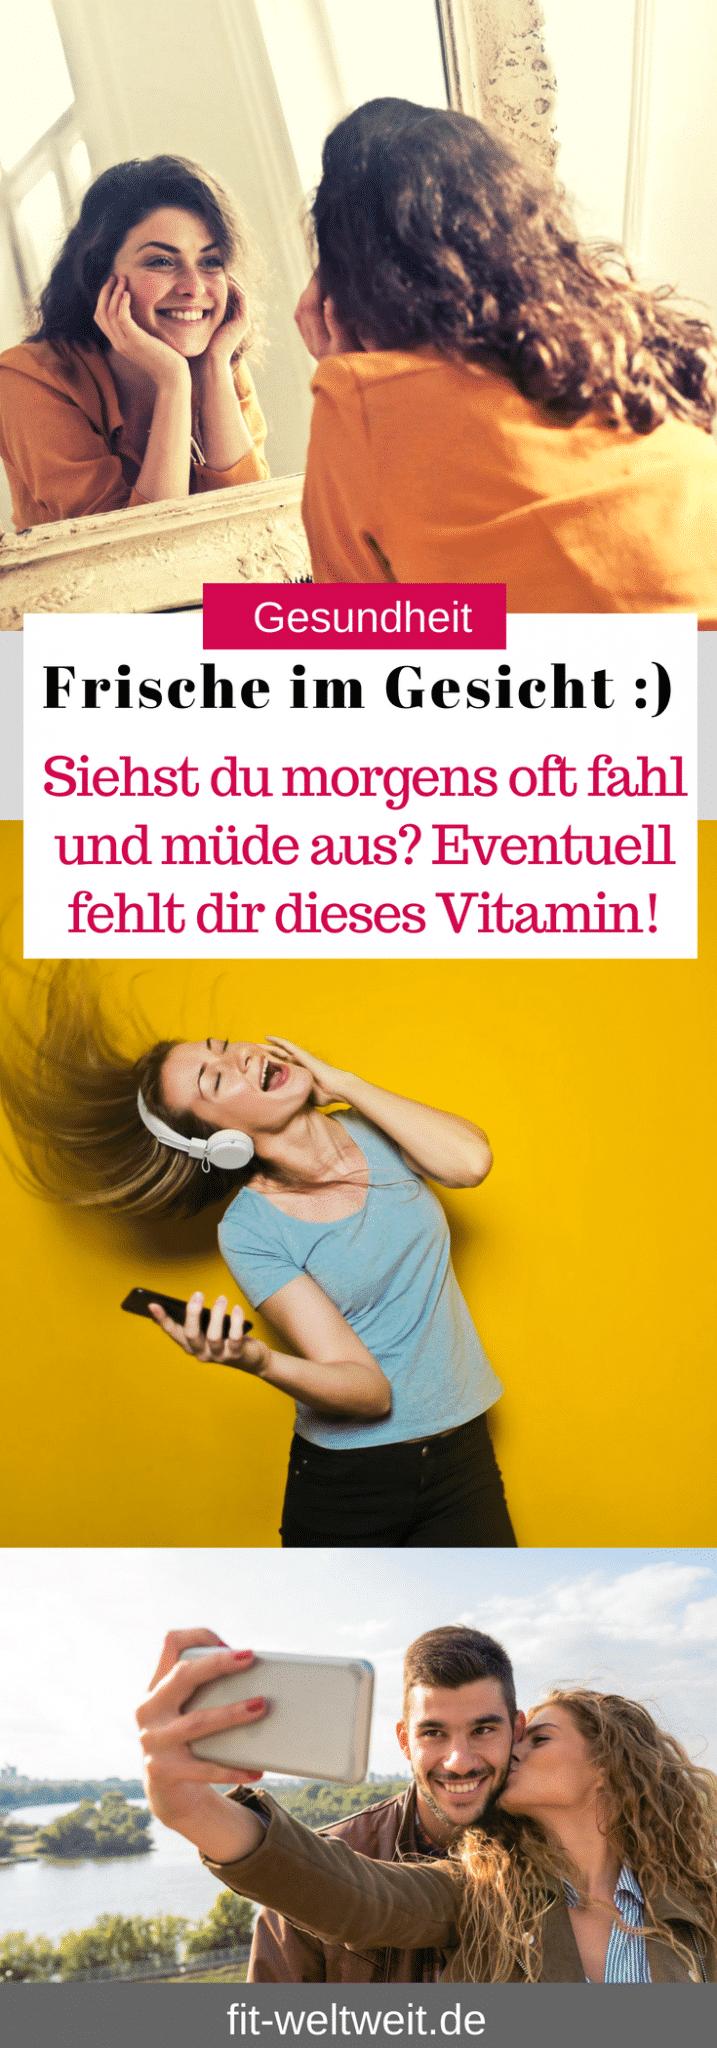 """Fahle Haut, Müdigkeit, Depressionen was tun? Alles über Vitamin b 12. Wirkung: Wie wirkt es in unserem Körper? Tagesbedarf: Wie viel Vitamin B 12 solltest du pro Tag zu dir nehmen? Überdosierung: Gibt es Nebenwirkungen? Symptome: Mangel erkenen? Ursachen: Welche Empfehlungen gibt es, um auch präventiv zu handeln - gerade, wenn noch kein Mangel besteht. #vitaminb12 #tabletten #nahrungsergänzung #vitalstoffe #depressiv #Müdigkeit 10% Rabatt bei Liebscher & Bracht mit """"L&B-fitweltweit"""" (Werbung)"""